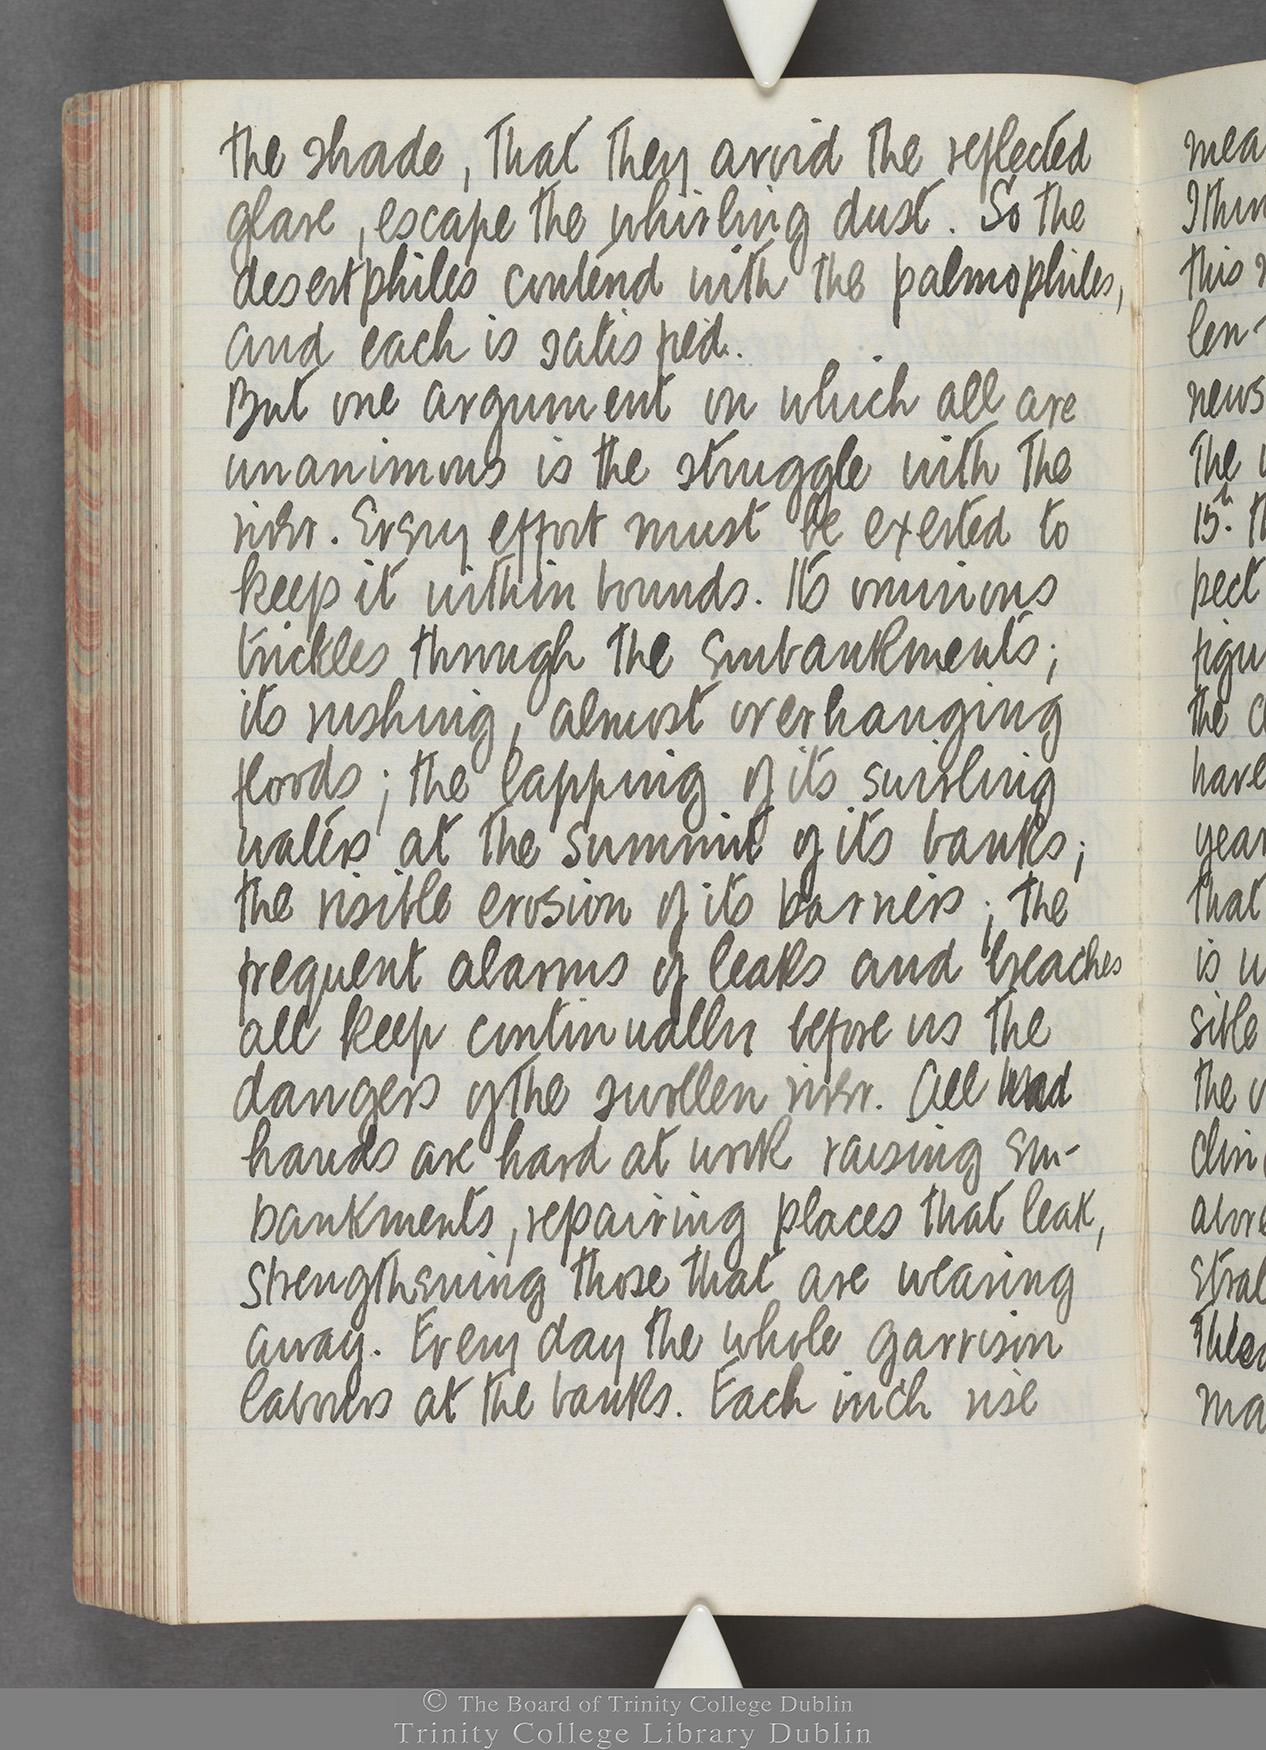 TCD MS 10515 folio 112 verso